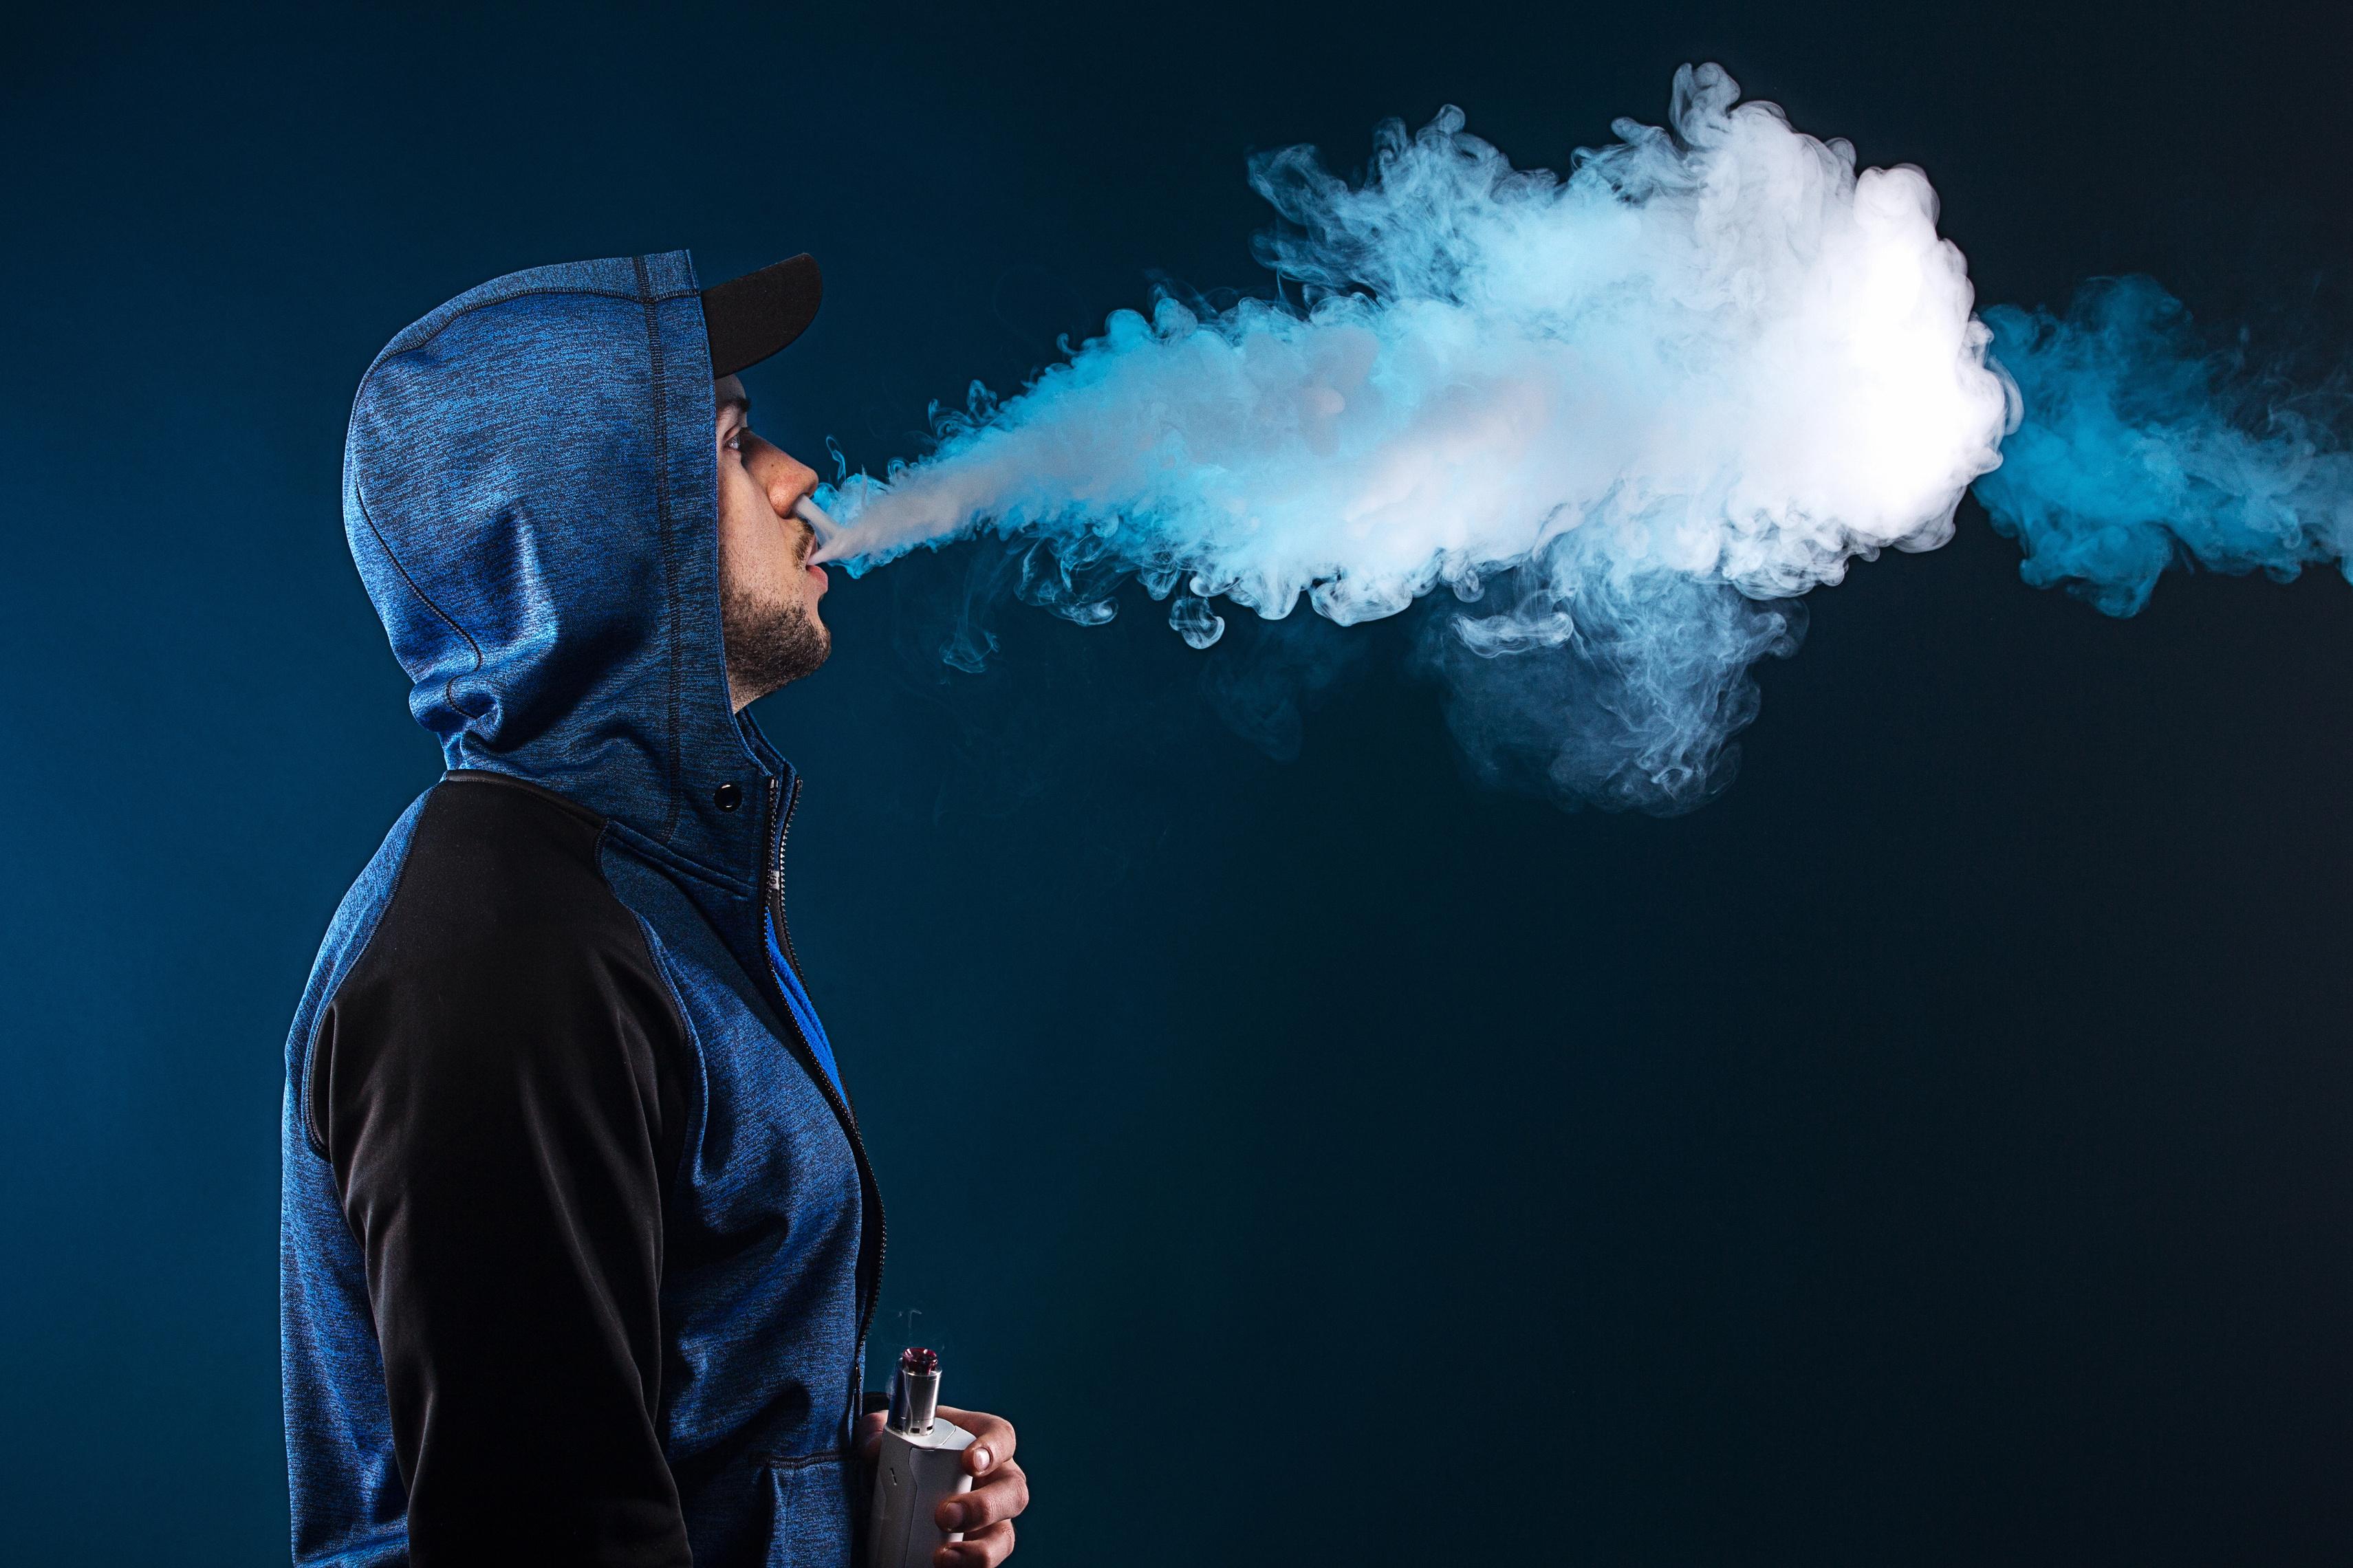 Mysteriöse Lungenerkrankungen in den USA – Gemütslage und Faktenlage